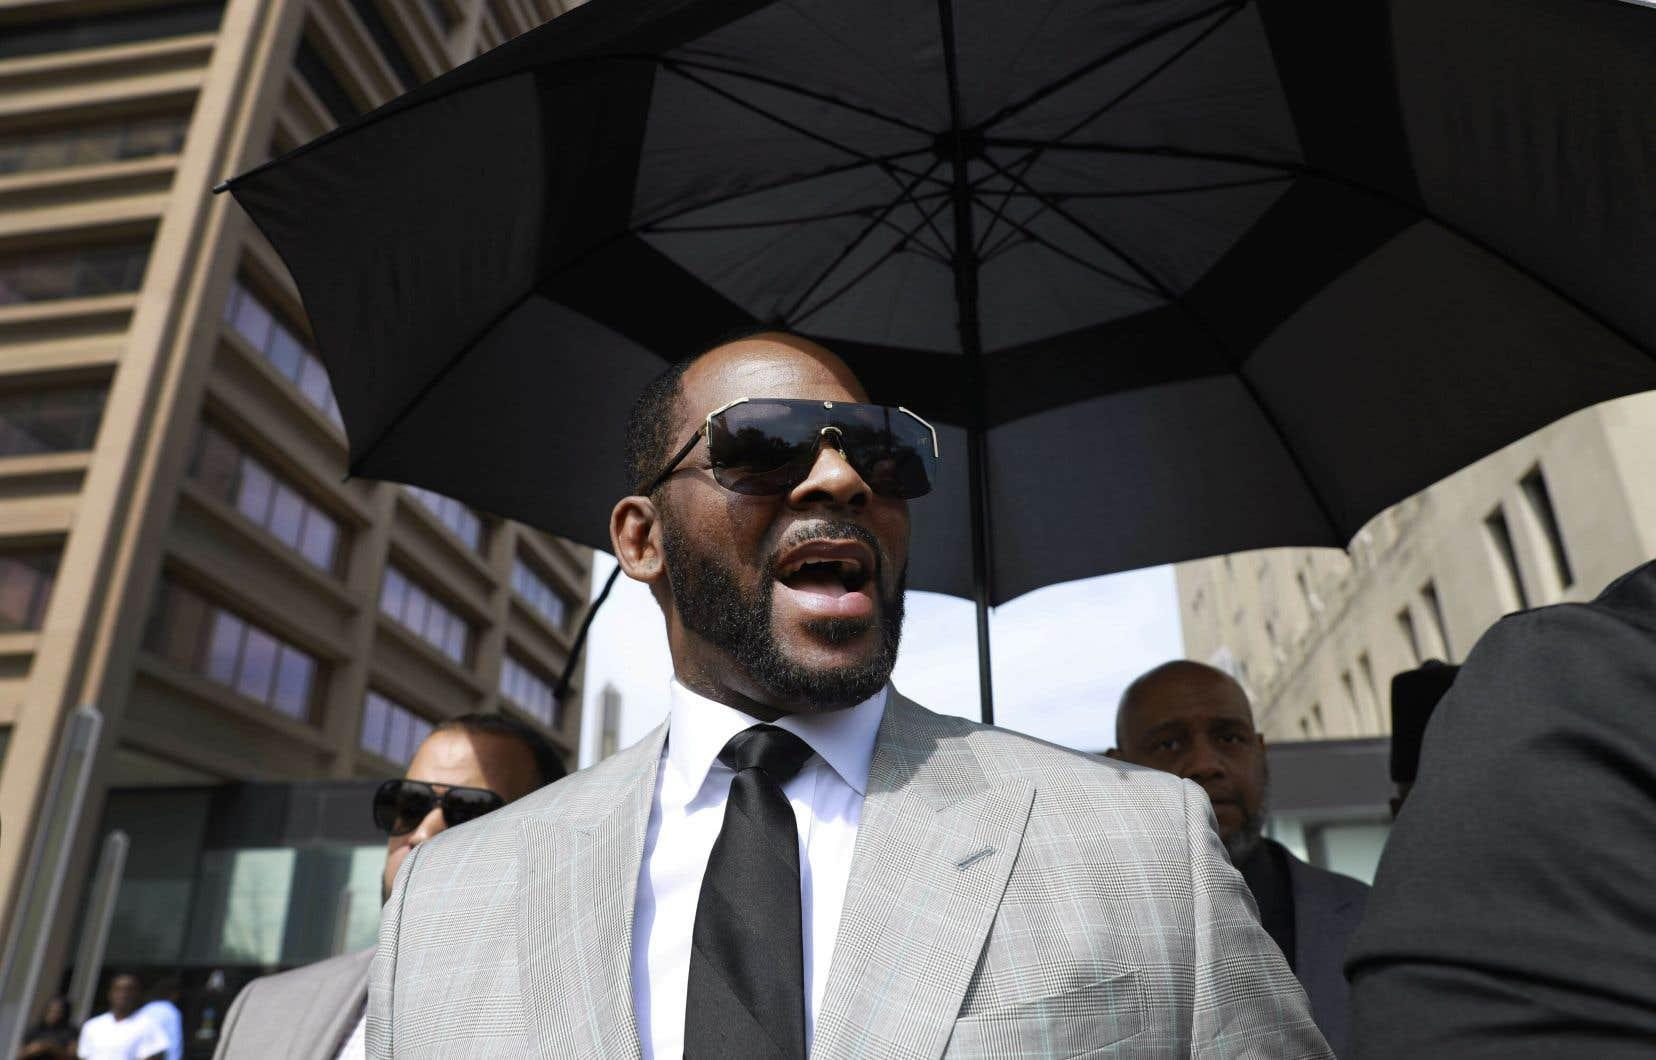 Dans cette photo d'archives du 6 juin 2019, le musicien R. Kelly quitte le tribunal pénal de Leighton après avoir plaidé non coupable à 11 nouvelles accusations liées à des agressions sexuelles à Chicago.